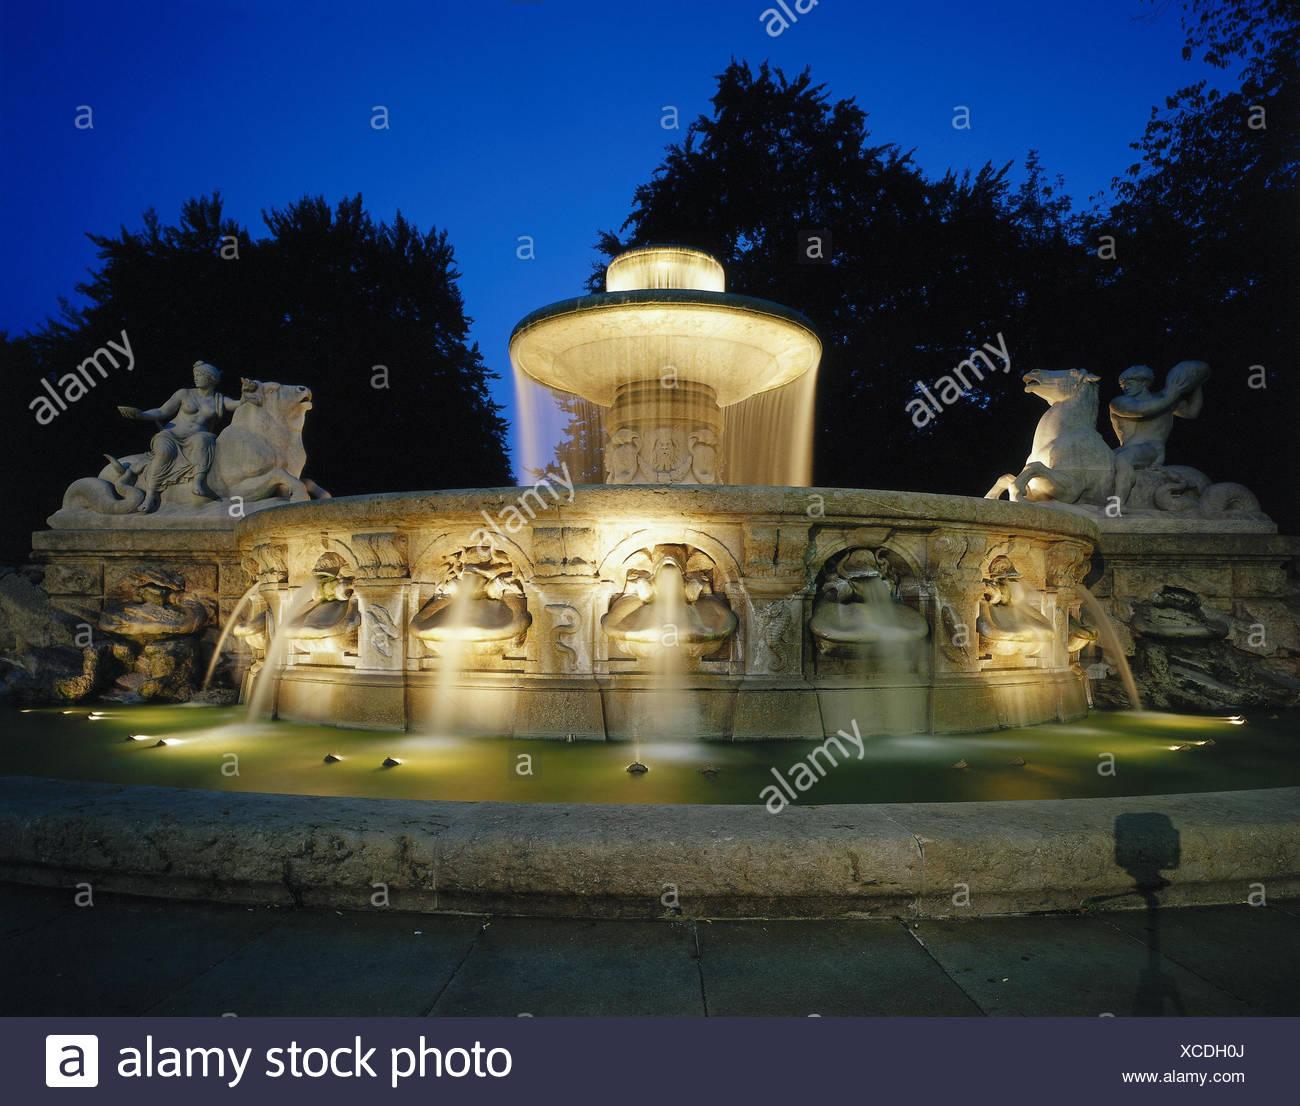 Deutschland Bayern München Wittelsbacher Brunnen Beleuchtung